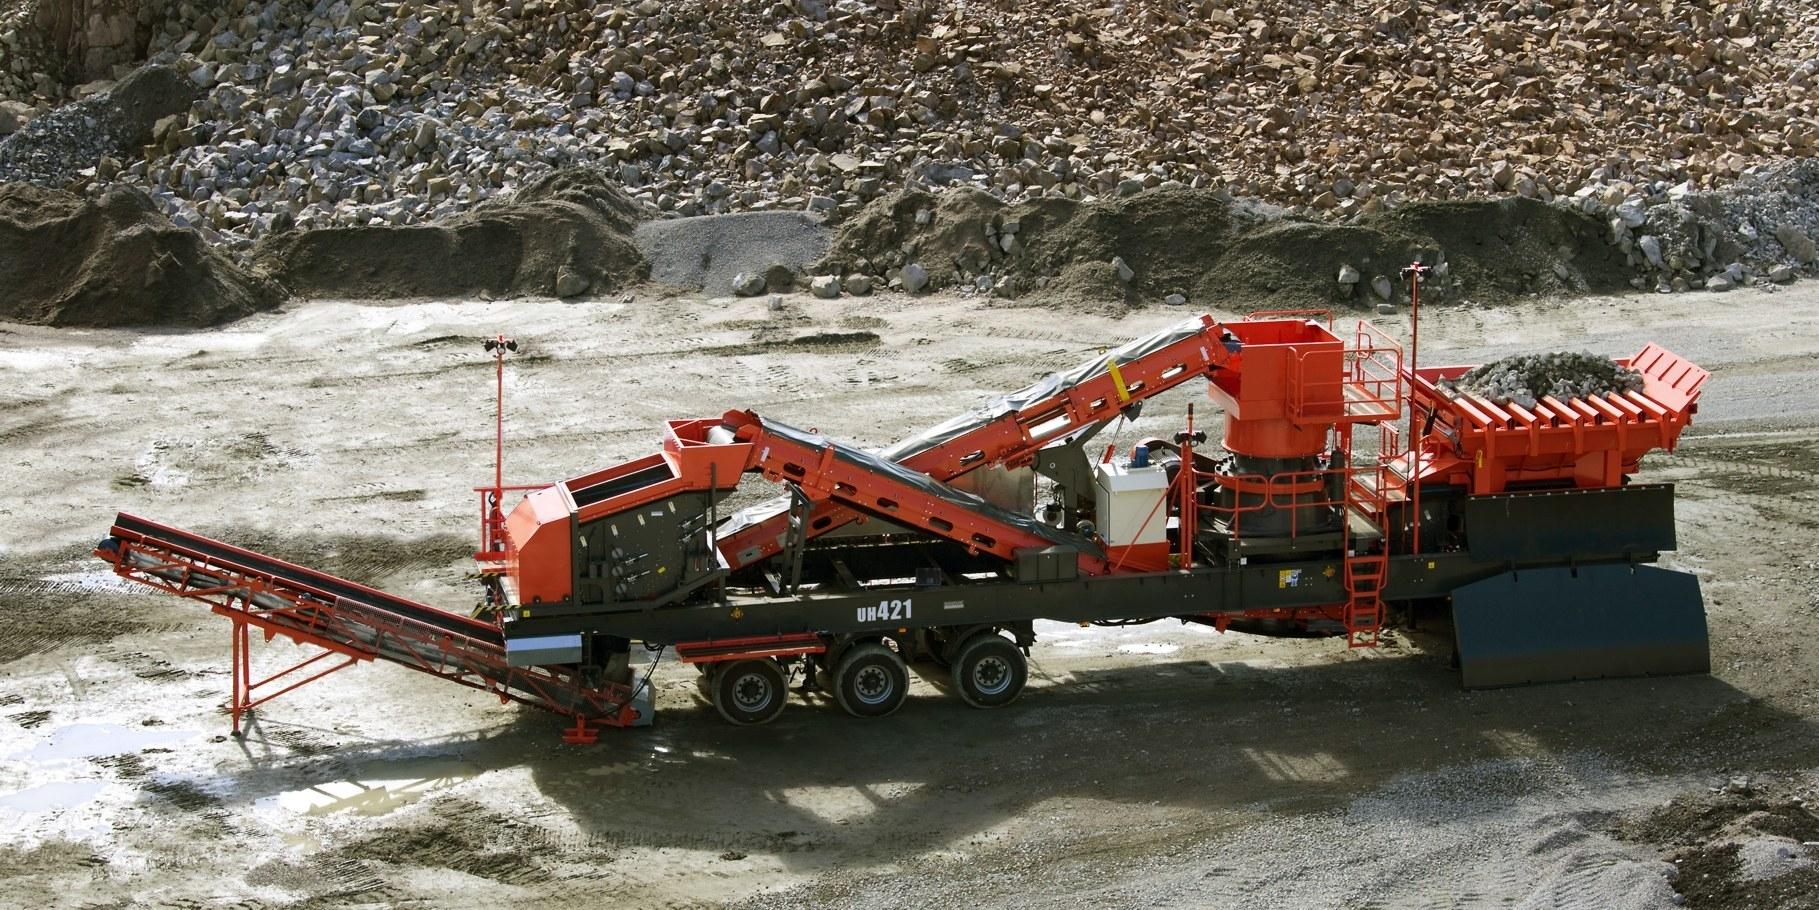 New crusher for Sandvik - Latest UK Construction News